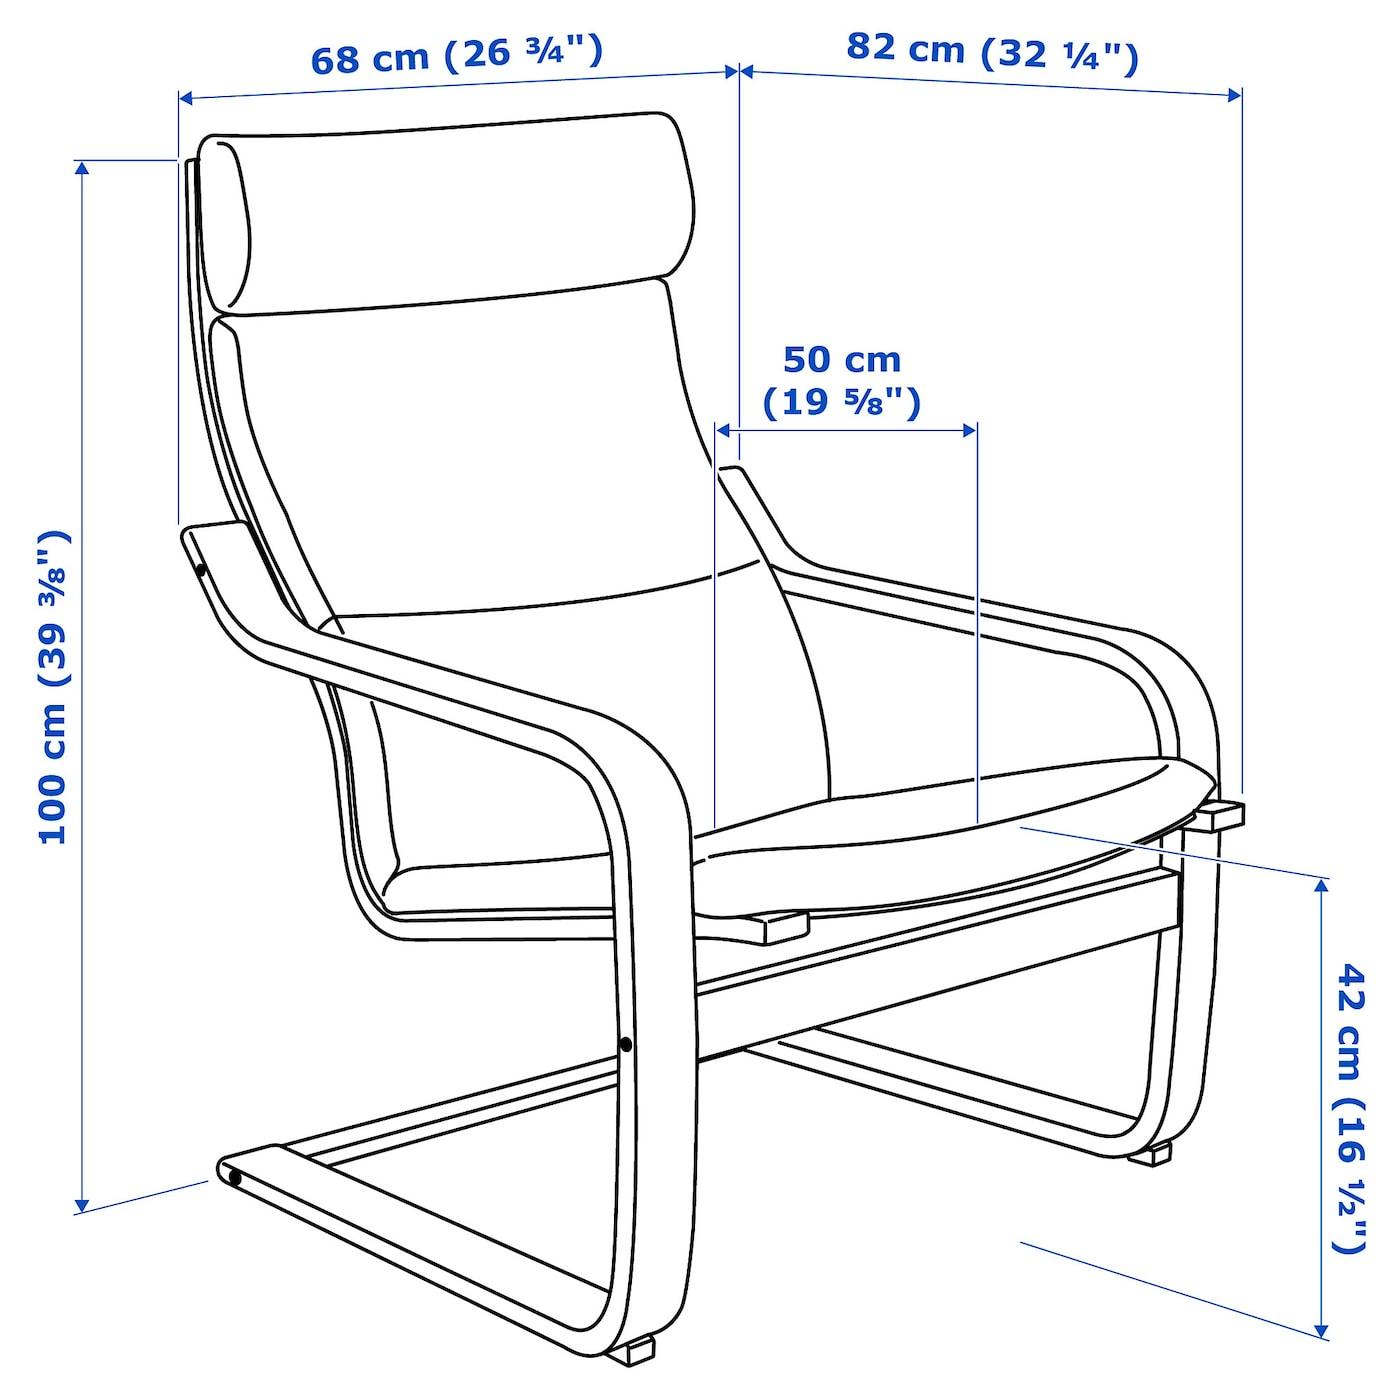 POÄNG Schommelstoel, Lysed heldergroen. Koop het hier IKEA